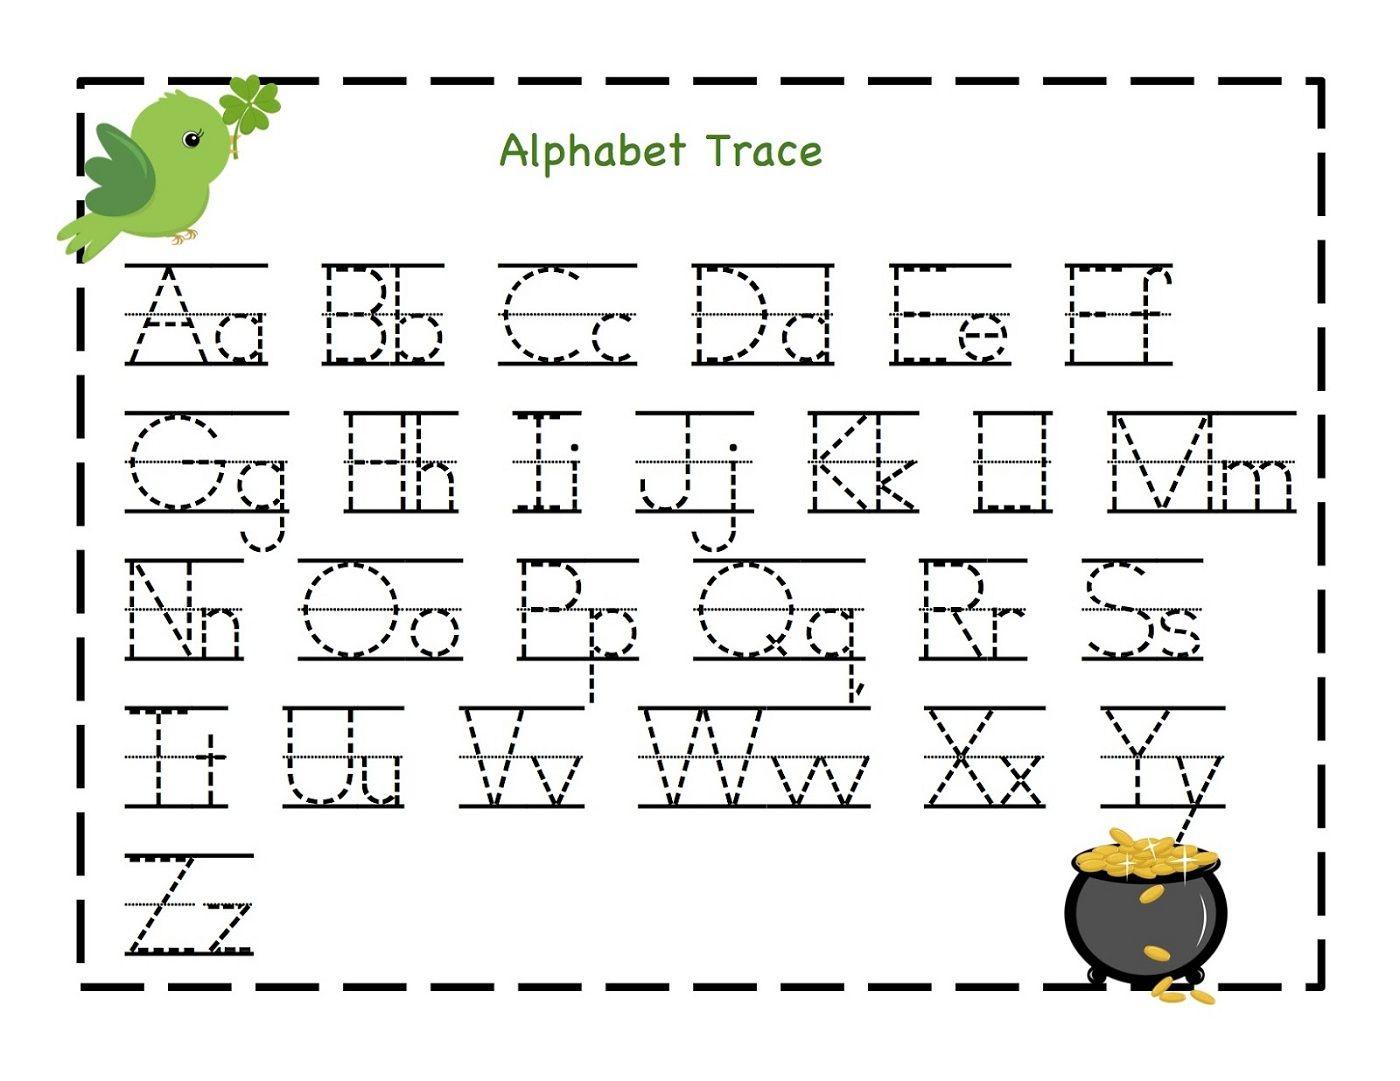 Traceable Letter Worksheets To Print | Alphabet Kindergarten intended for Alphabet Worksheets Kinder